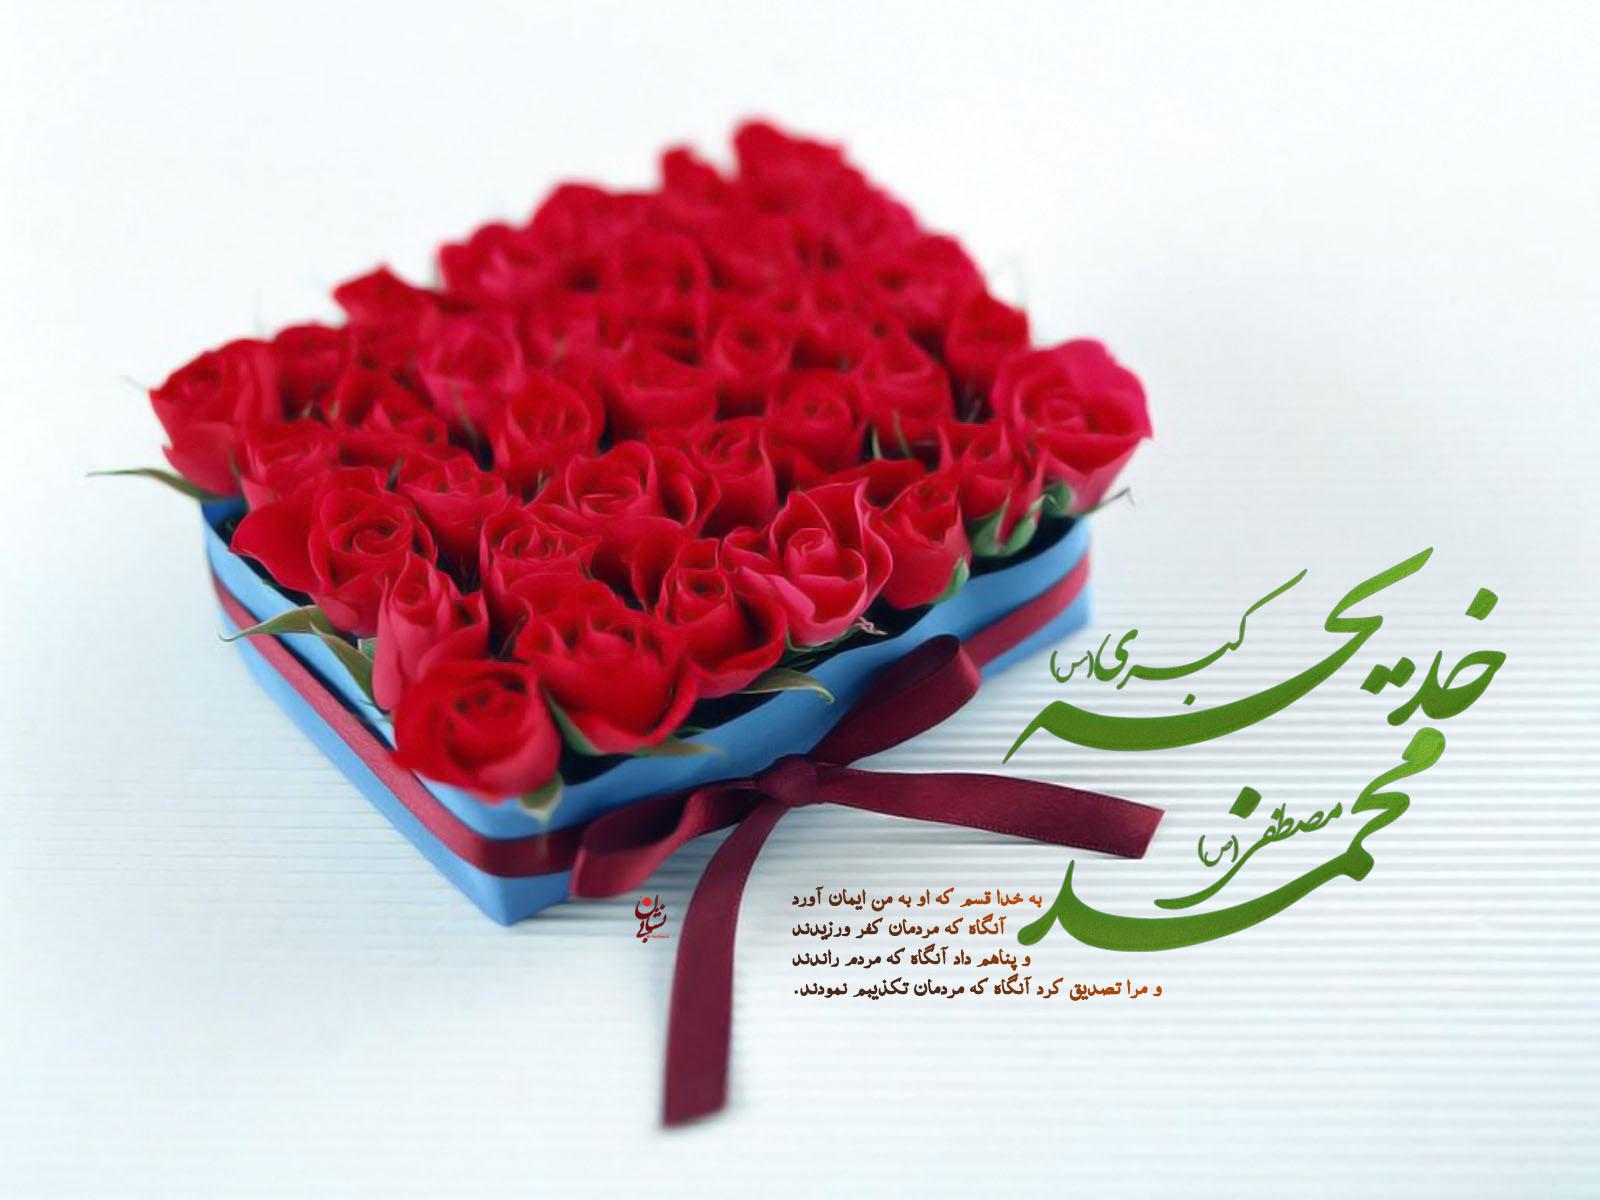 خواستگاری حضرت خدیجه(س) از پیامبر اکرم (ص)/ چرا حضرت خدیجه(س) را مادر اُمت اسلام می نامند؟